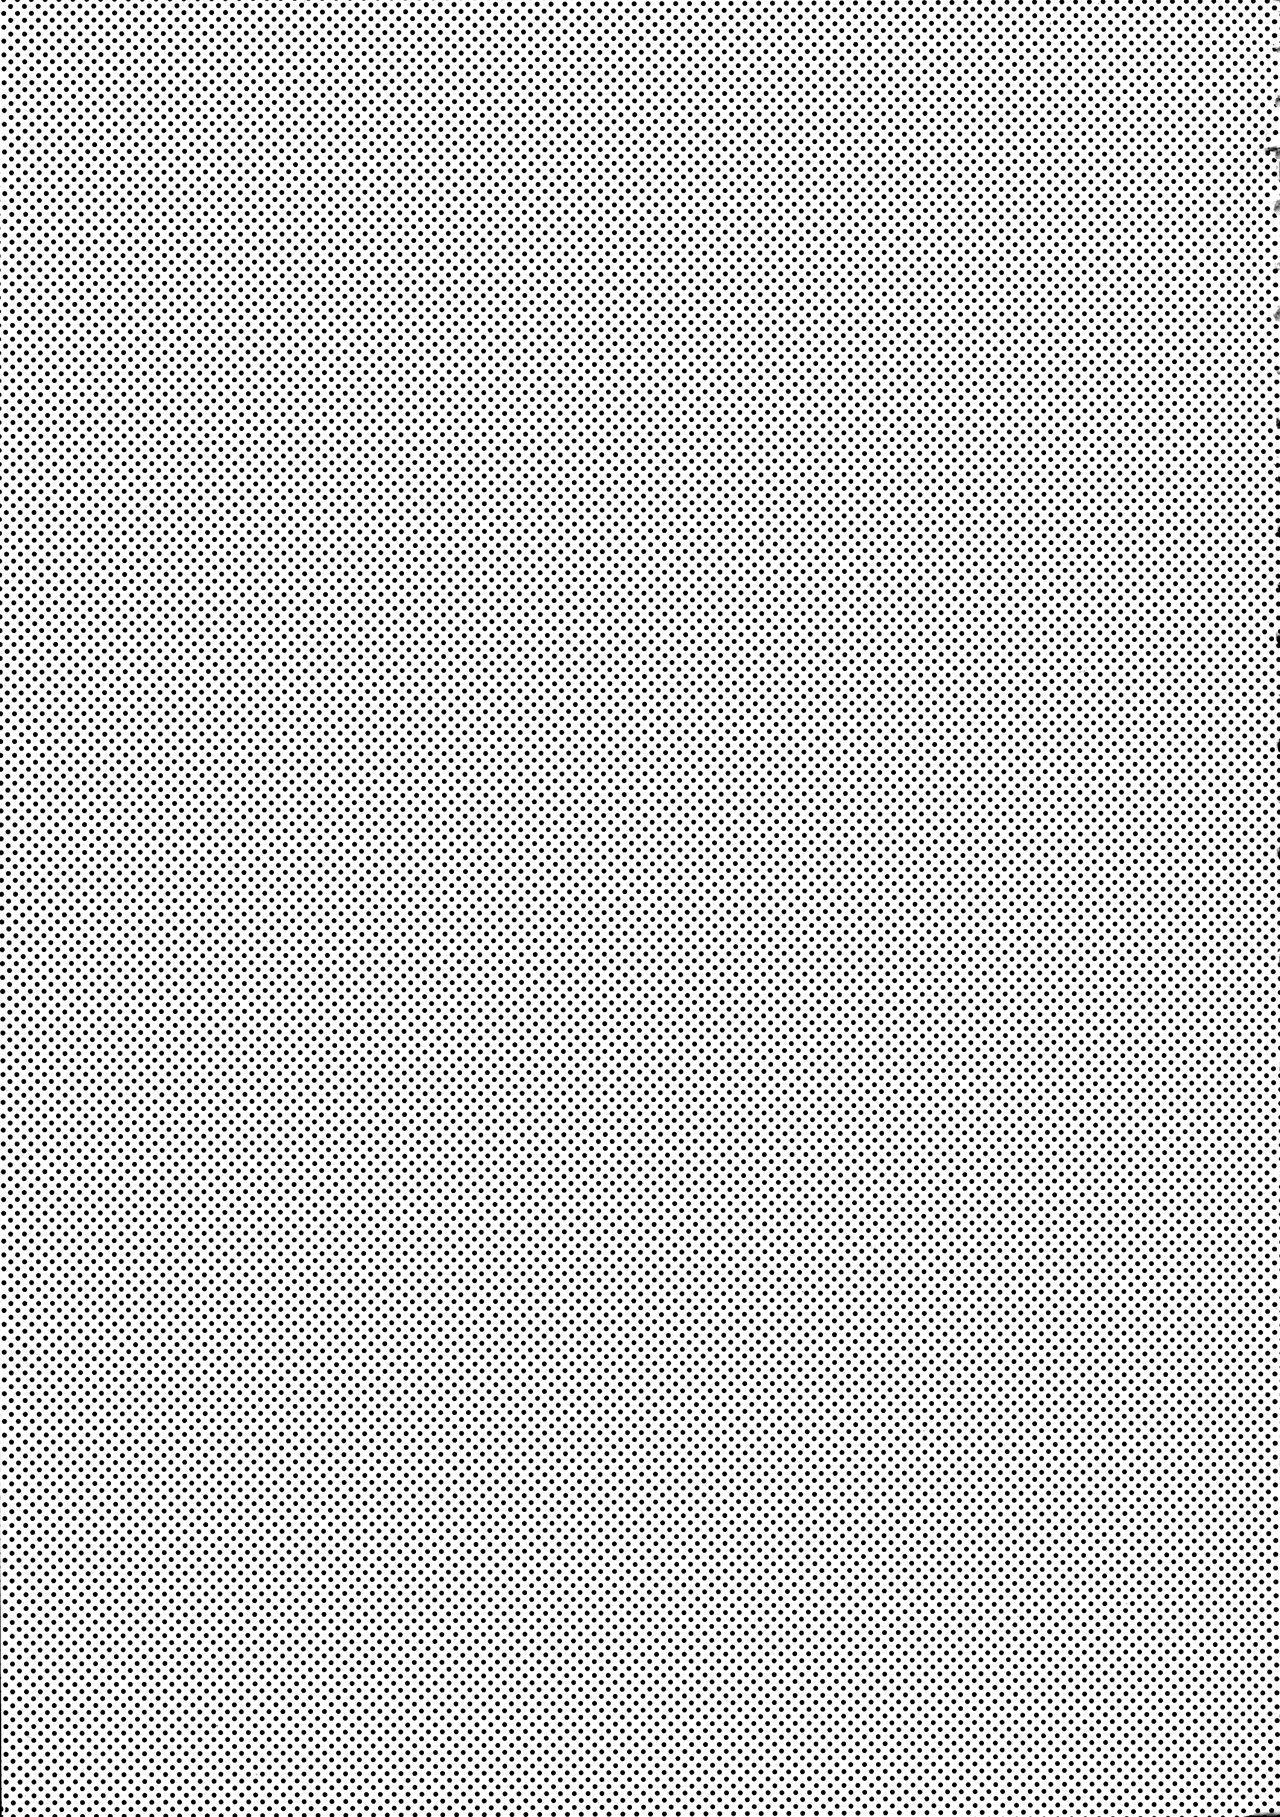 (C95) [Hachimitsu Romance (Eno Yukimi)] Drang to Sturm-dono ga OneShotax Suru Hon | Drang and Sturm-dono Oneshota Sex Book (Granblue Fantasy) [English] {RedLantern} 30